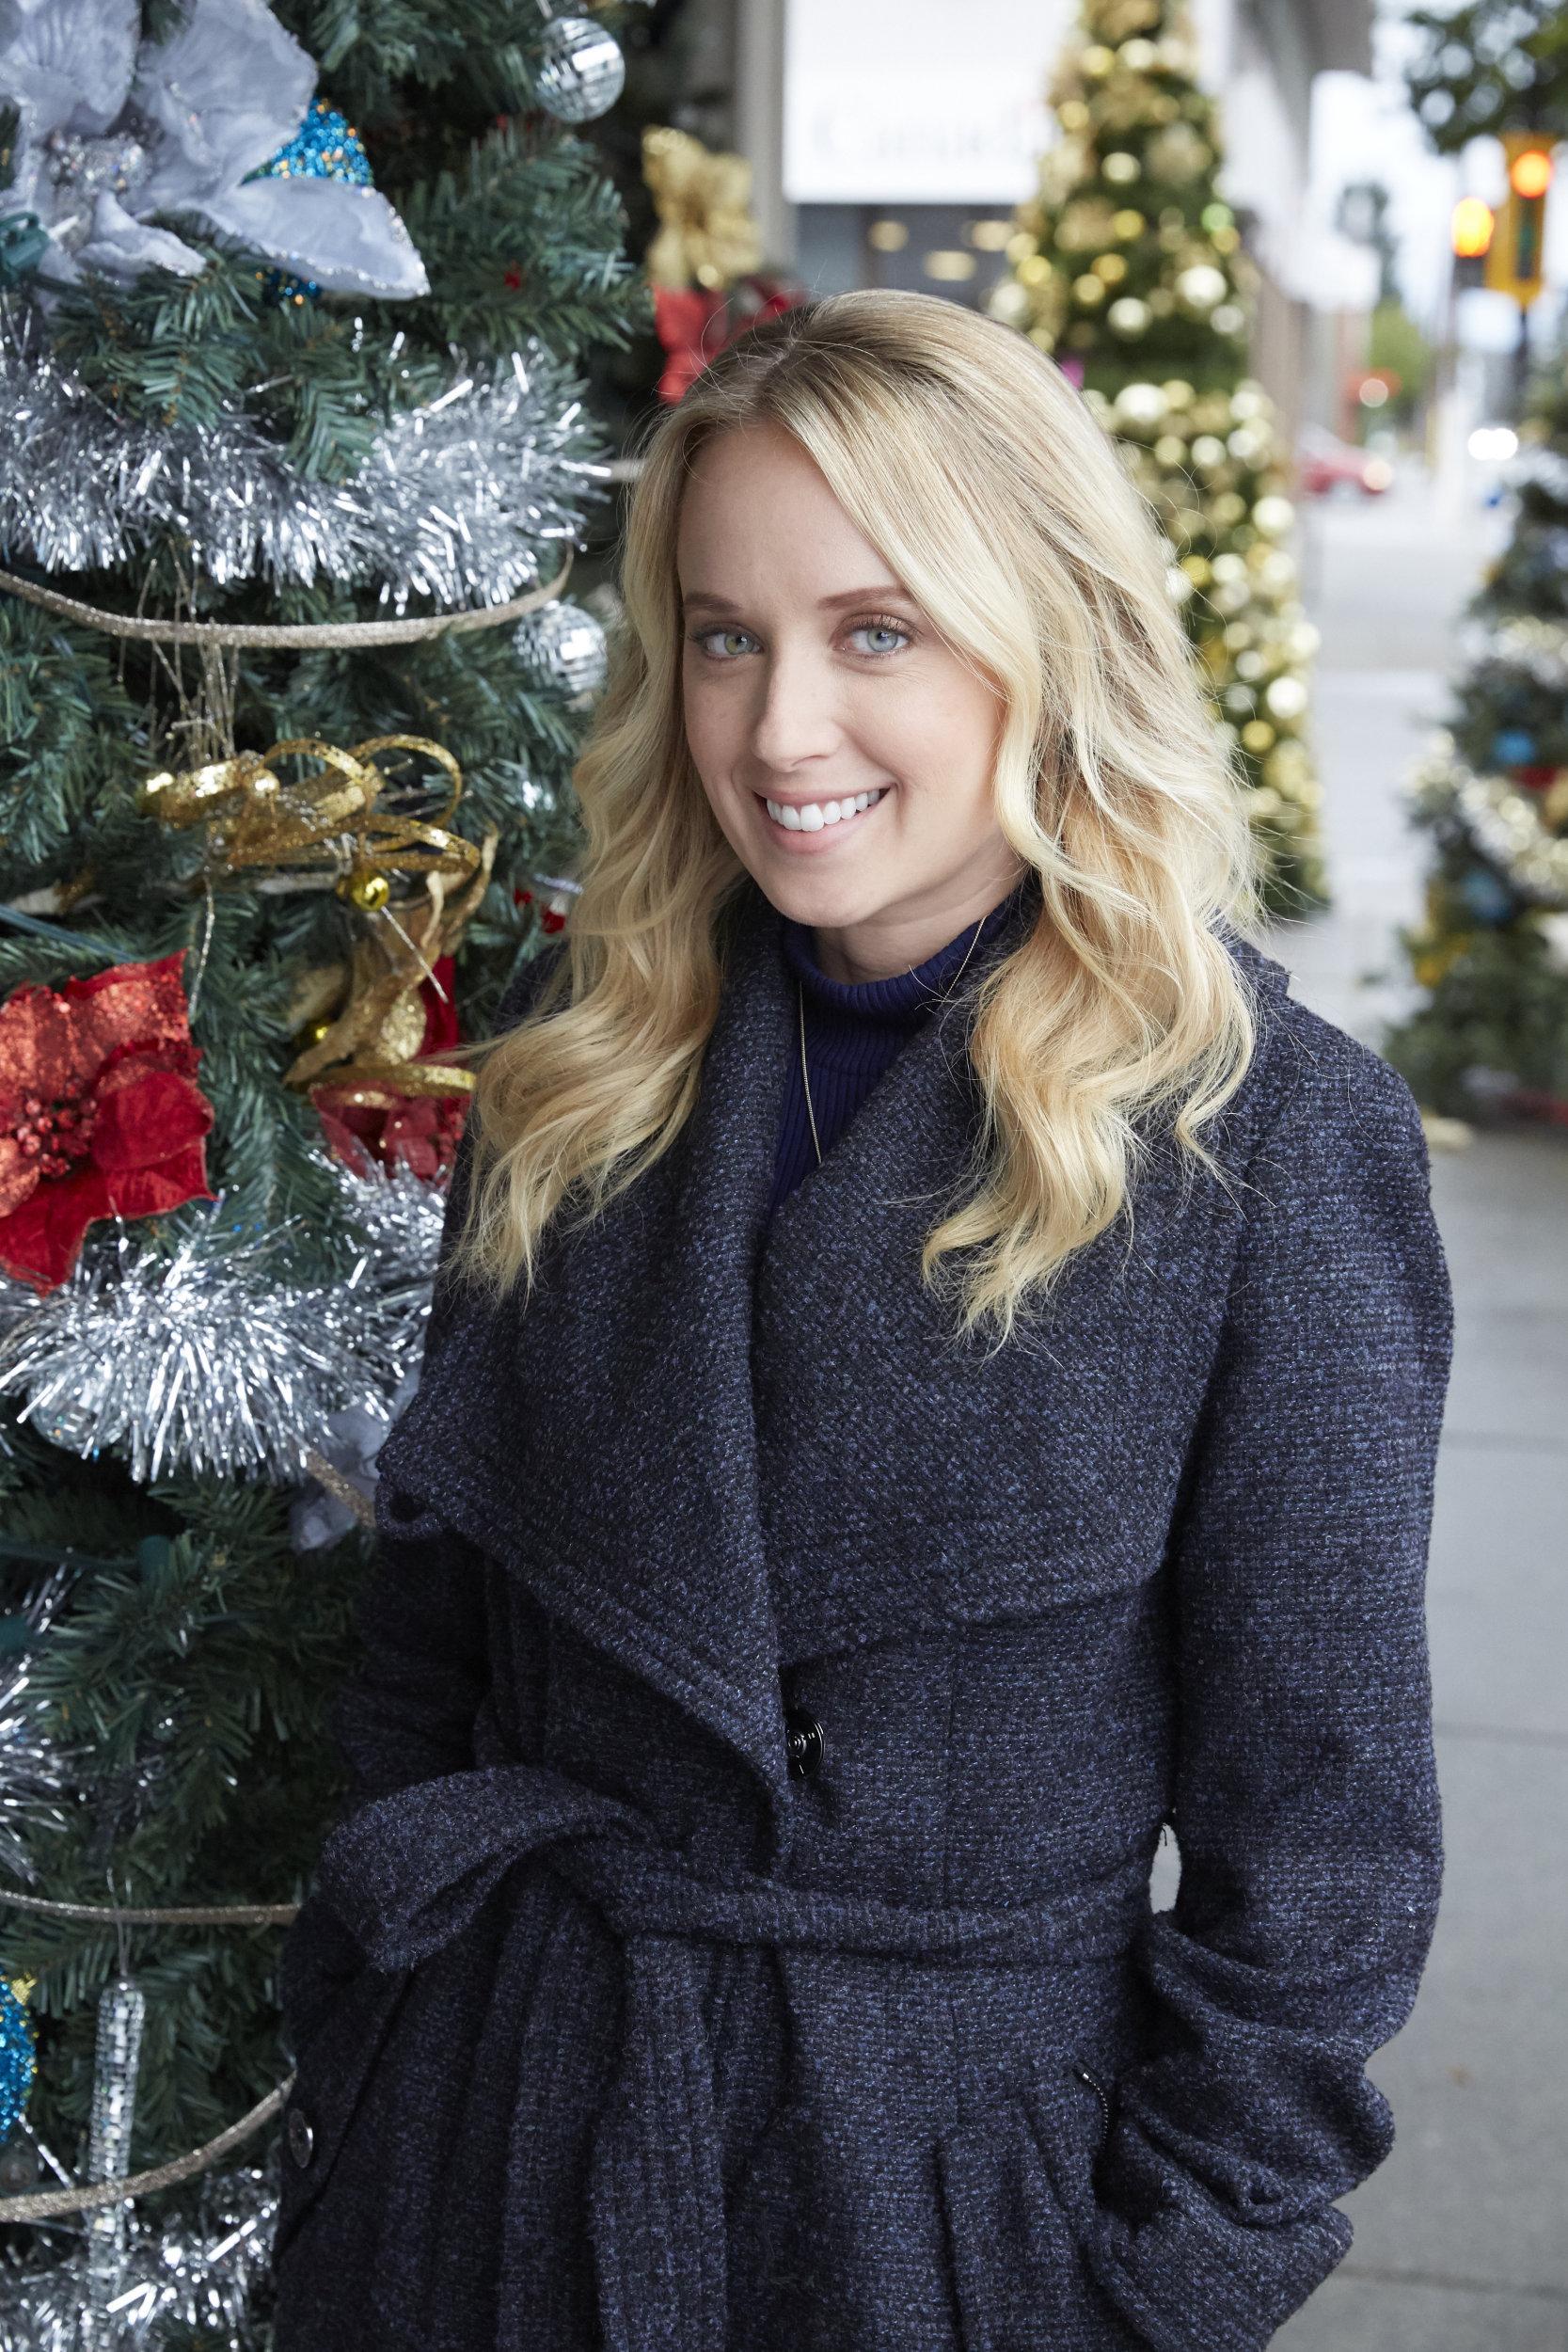 Time For Me To Come Home For Christmas Hallmark.Megan Park As Cara On Time For Me To Come Home For Christmas